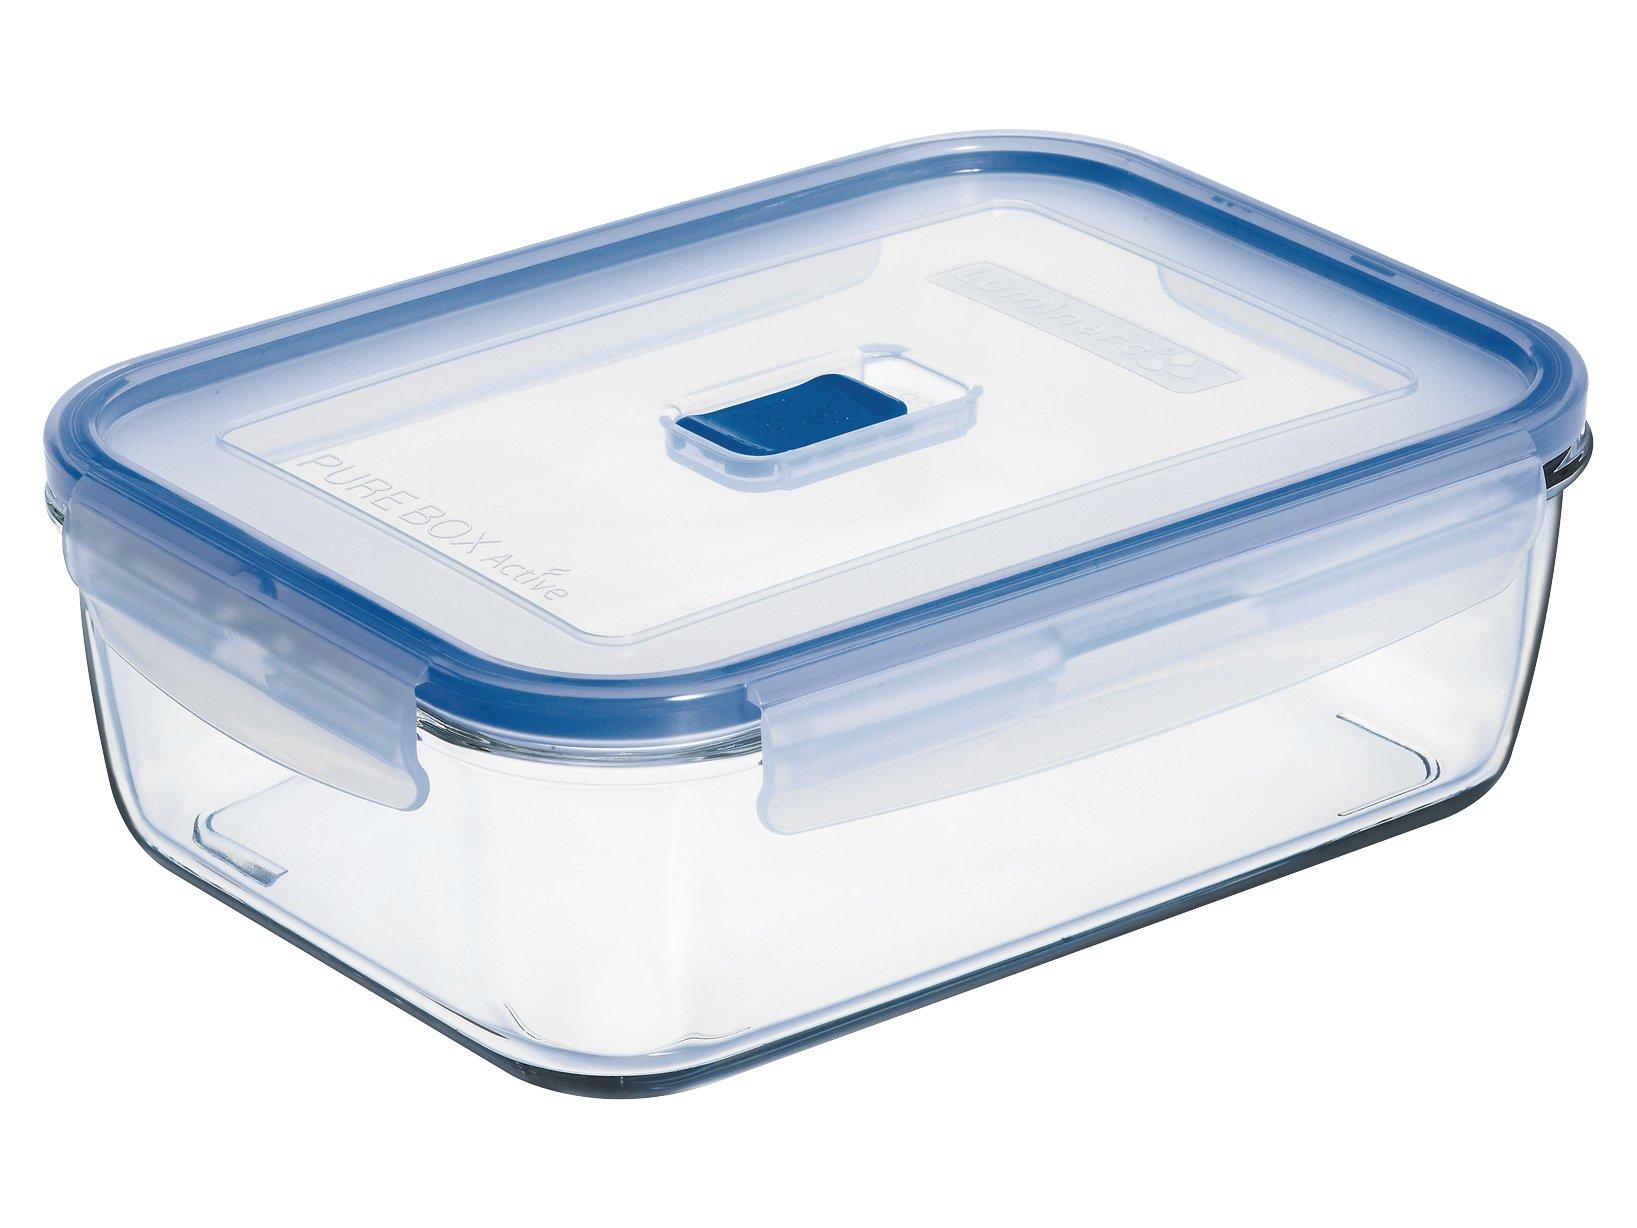 Aufbewahrung Glas Mit Deckel: Amazon.de